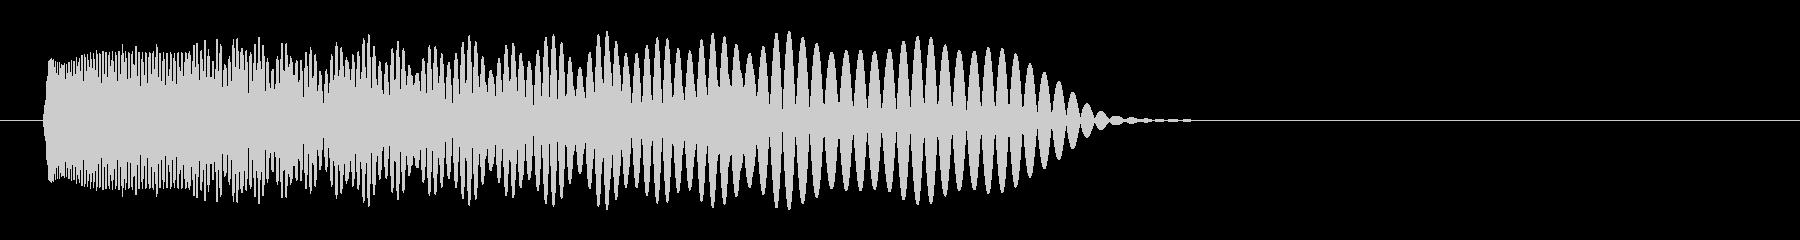 爆発・衝撃波・ソニックブーム15の未再生の波形